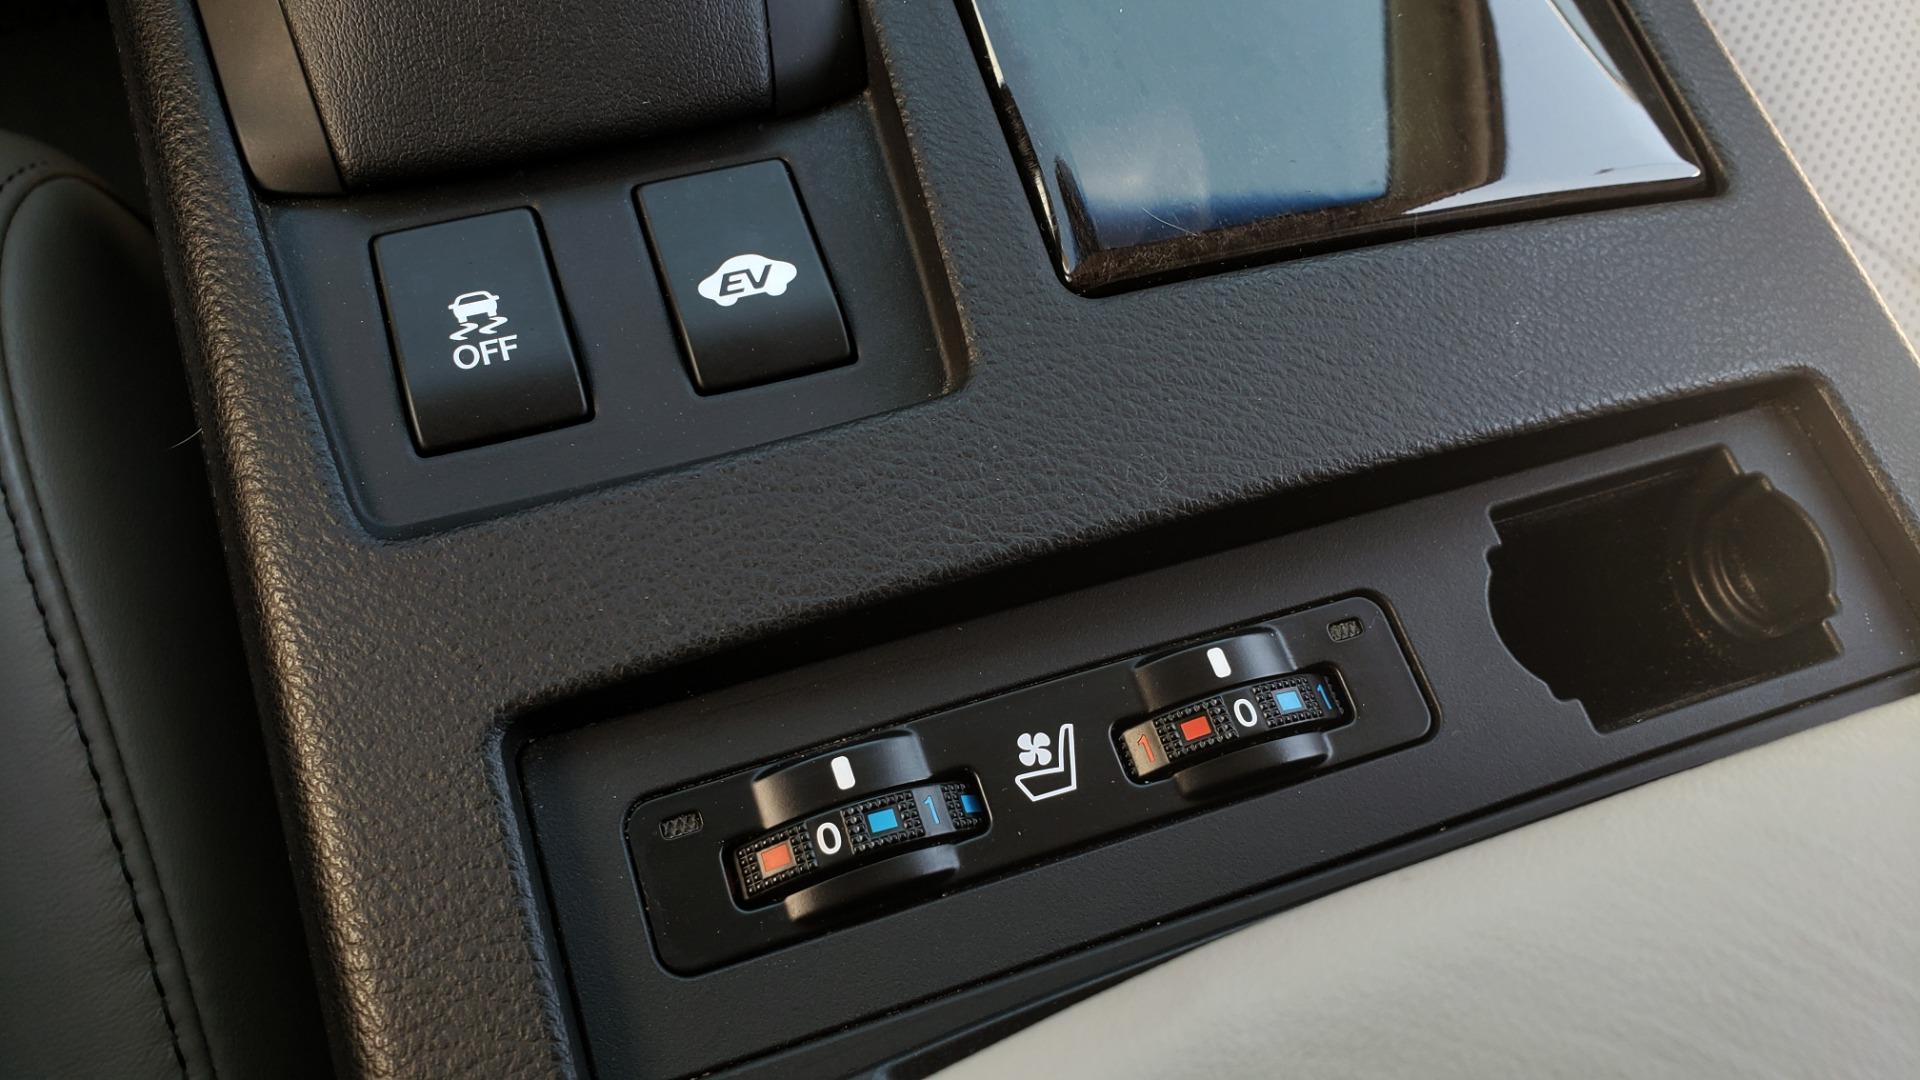 Used 2015 Lexus RX 450H AWD / PREM PKG / NAV / PARK ASST / HUD / BLIND SPOT MONITOR for sale Sold at Formula Imports in Charlotte NC 28227 54